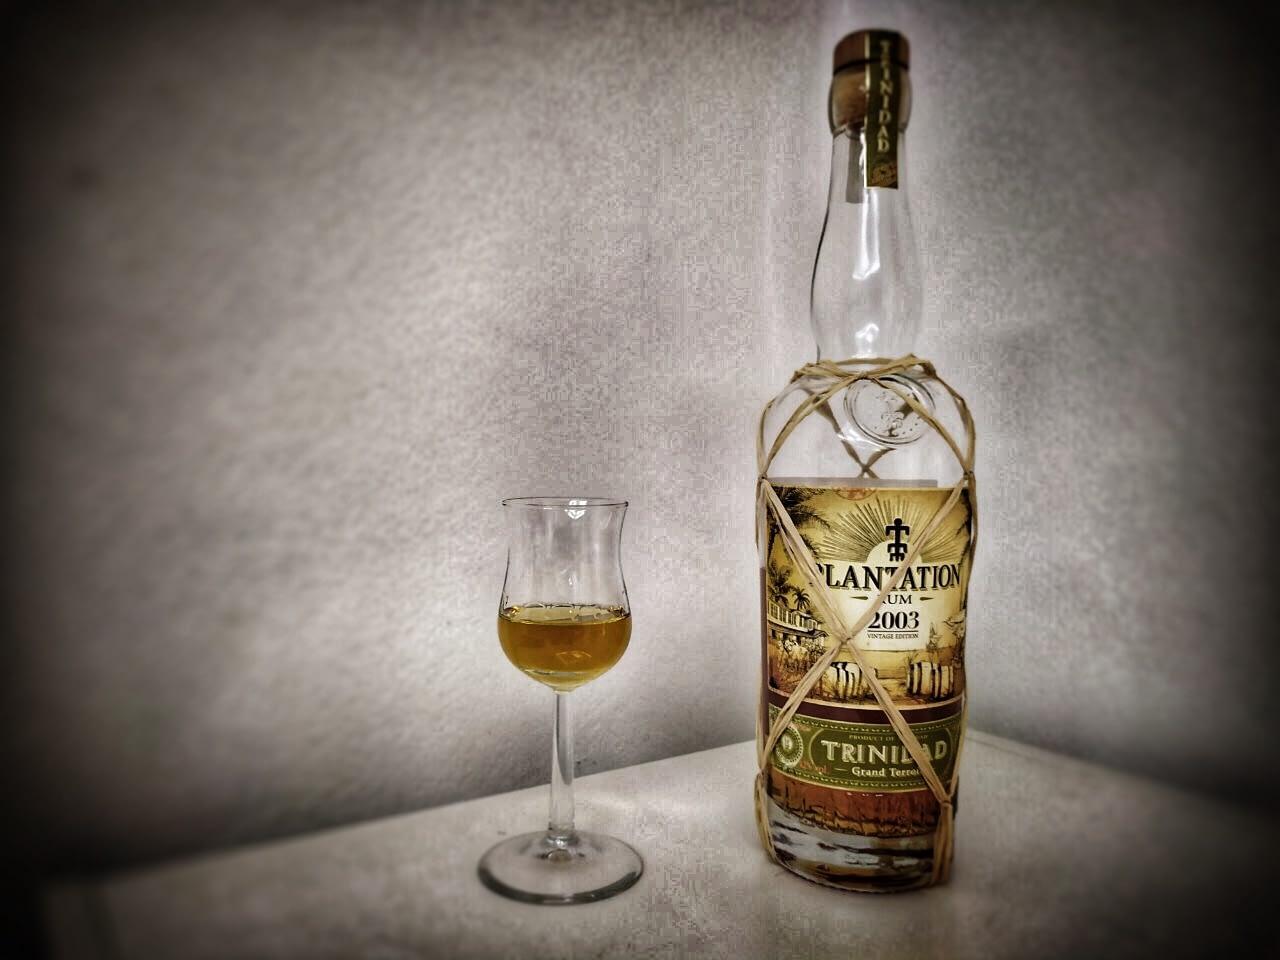 Plantation Trinidad 2003 – Jednoduše líbivý rum